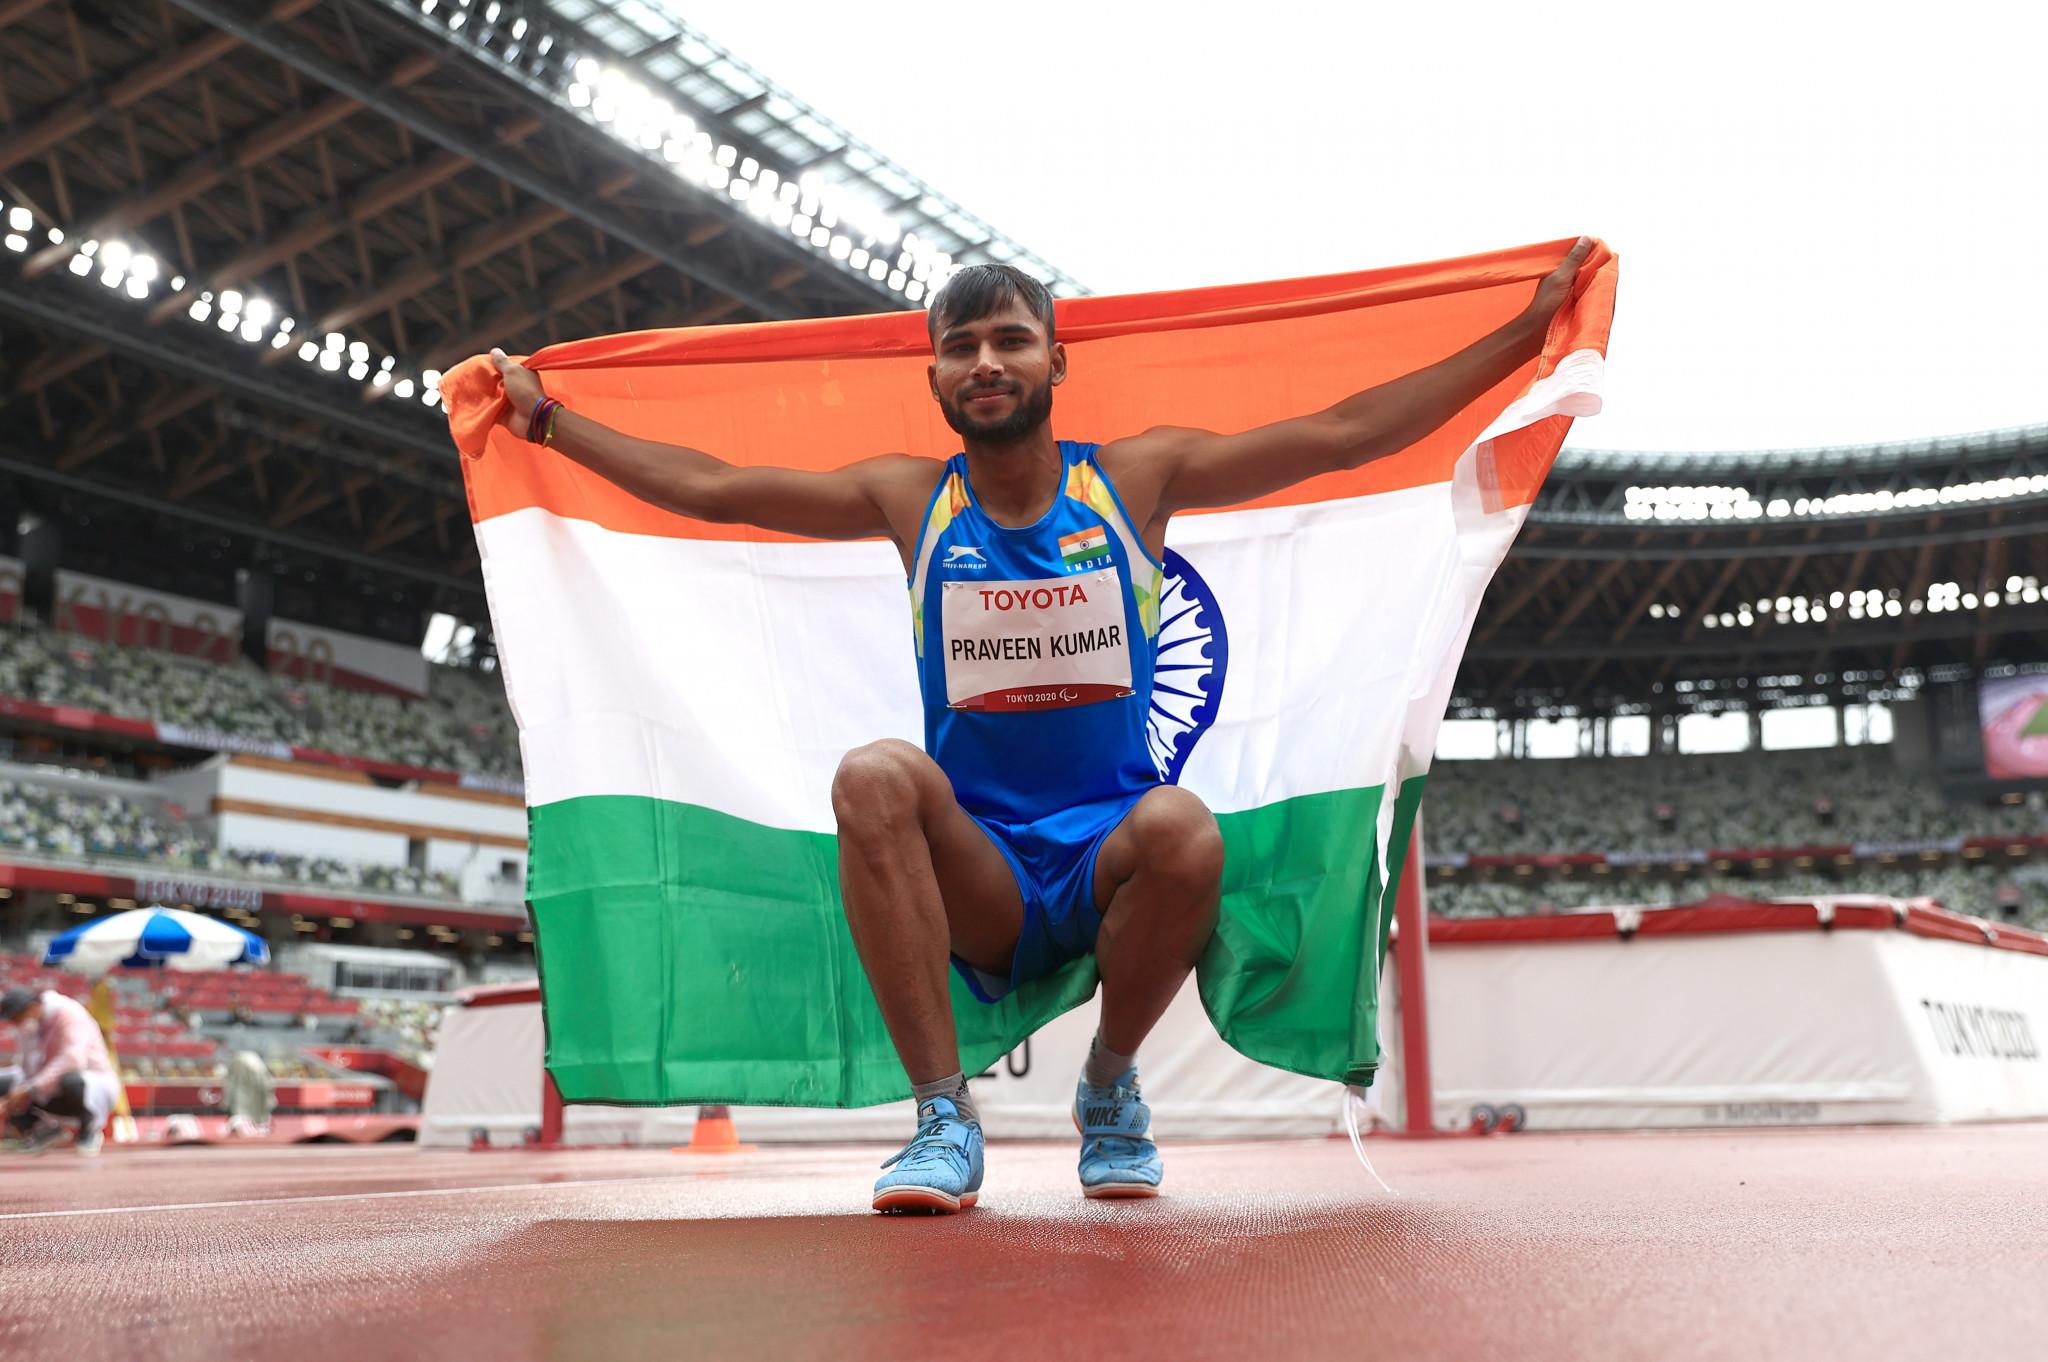 Teenager Kumar eyes Asian Para Games success after Tokyo 2020 silver medal